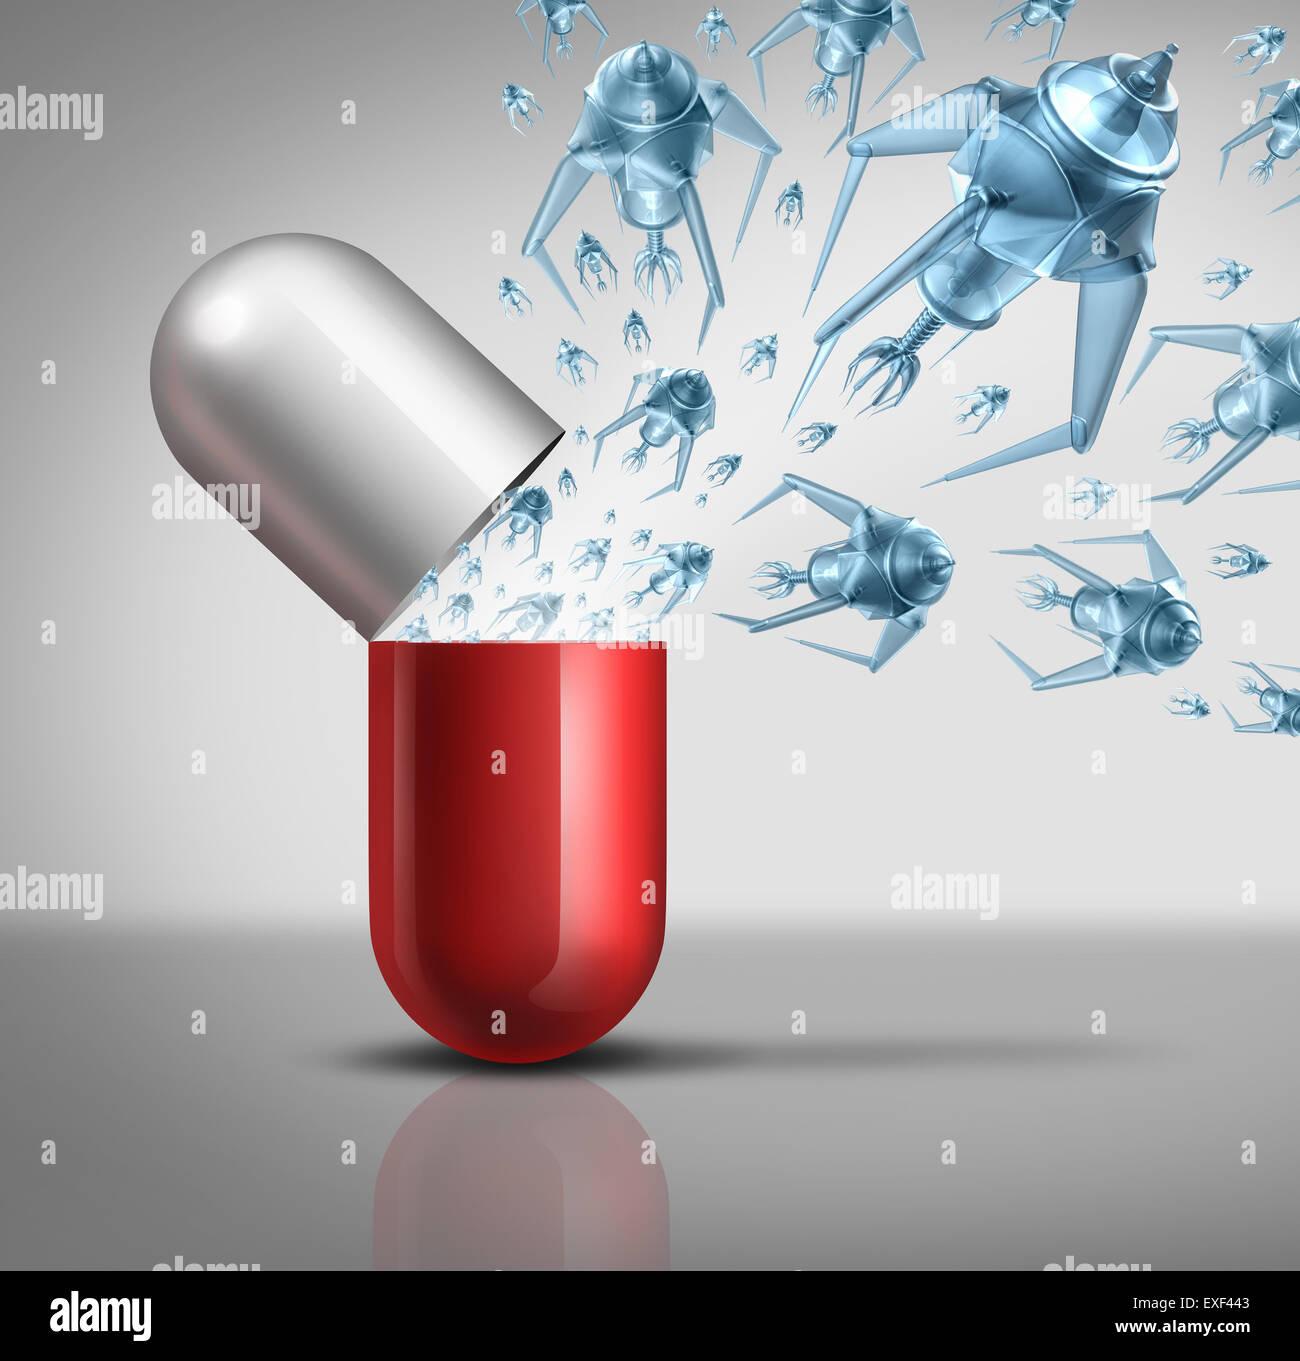 Nano médicaments et la technologie médicale et la nanotechnologie medicine concept comme un groupe de robots nano microscopique ou nanobots programmé pour tuer la maladie humaine qui sortent d'un comprimé capsule comme une icône de la santé futuriste. Banque D'Images